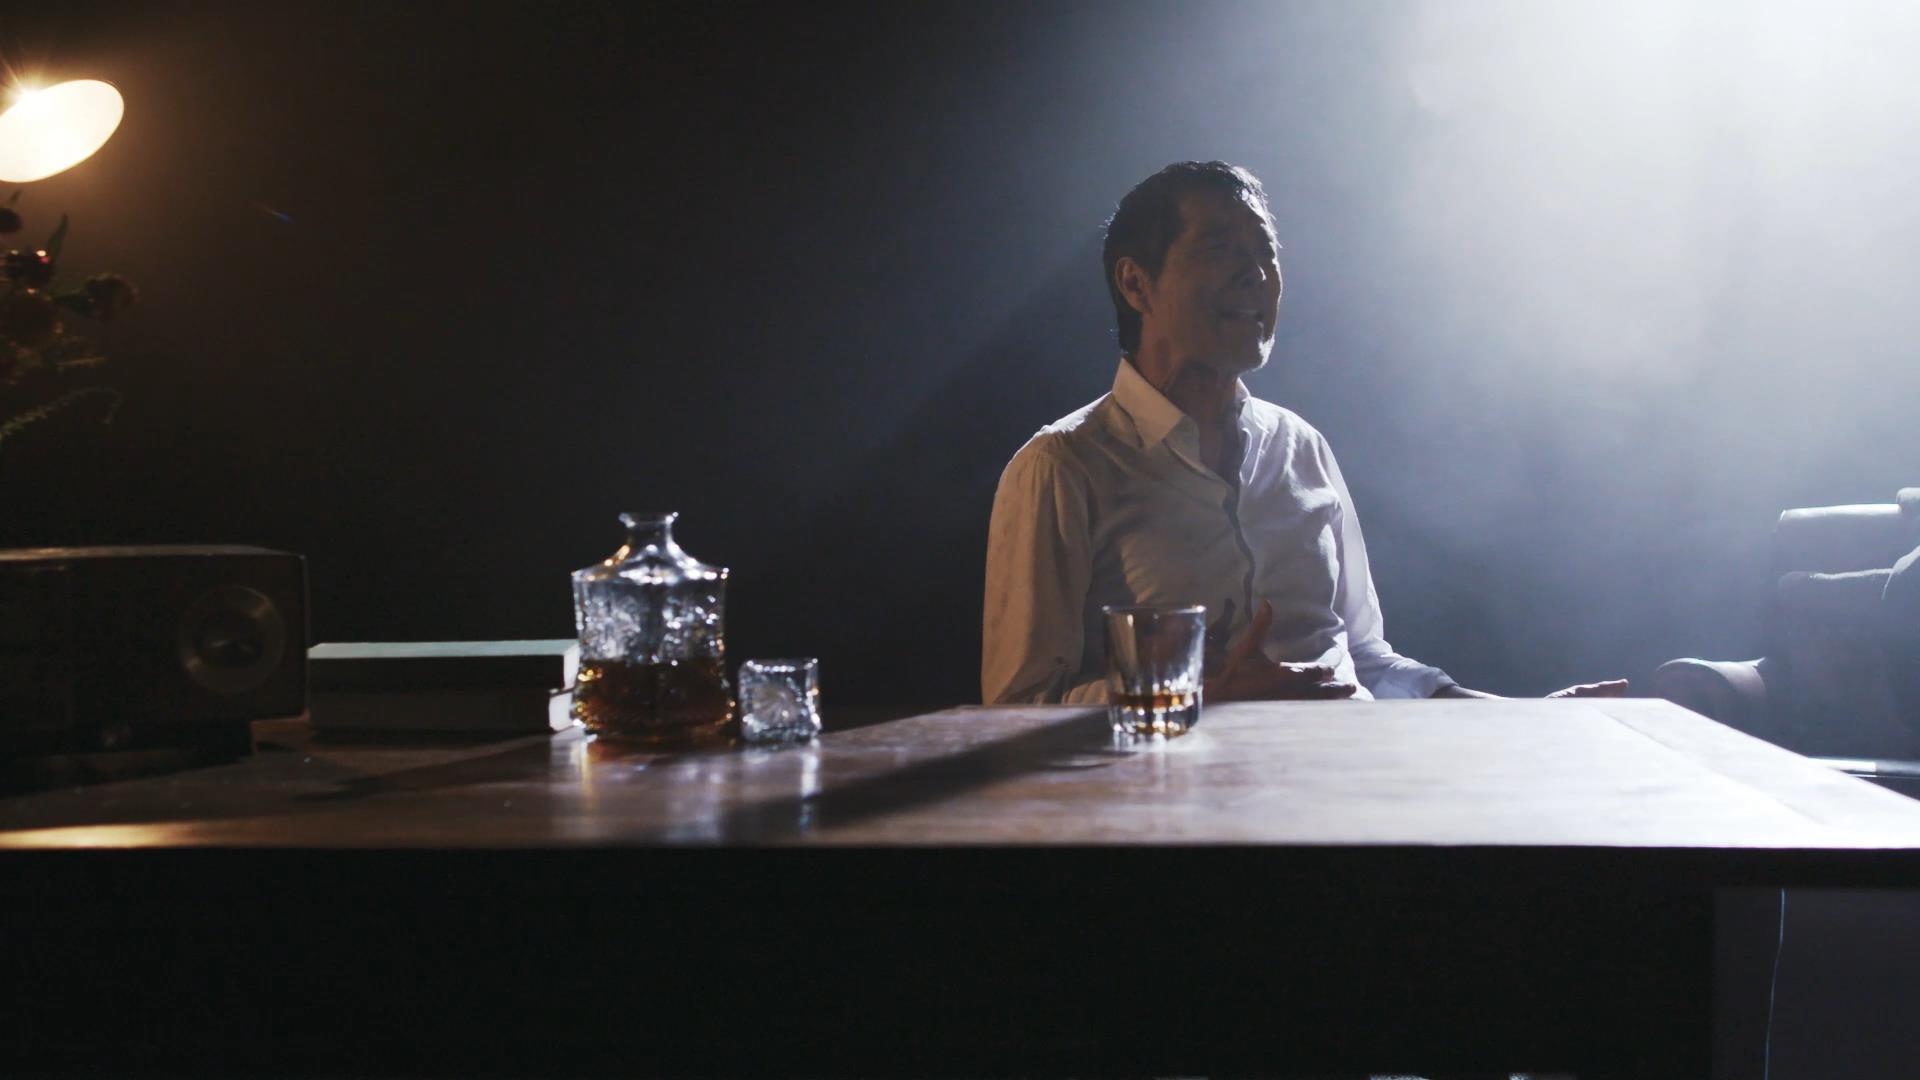 矢沢永吉 7年ぶりの新アルバムより新曲 愛しているなら のmvを公開